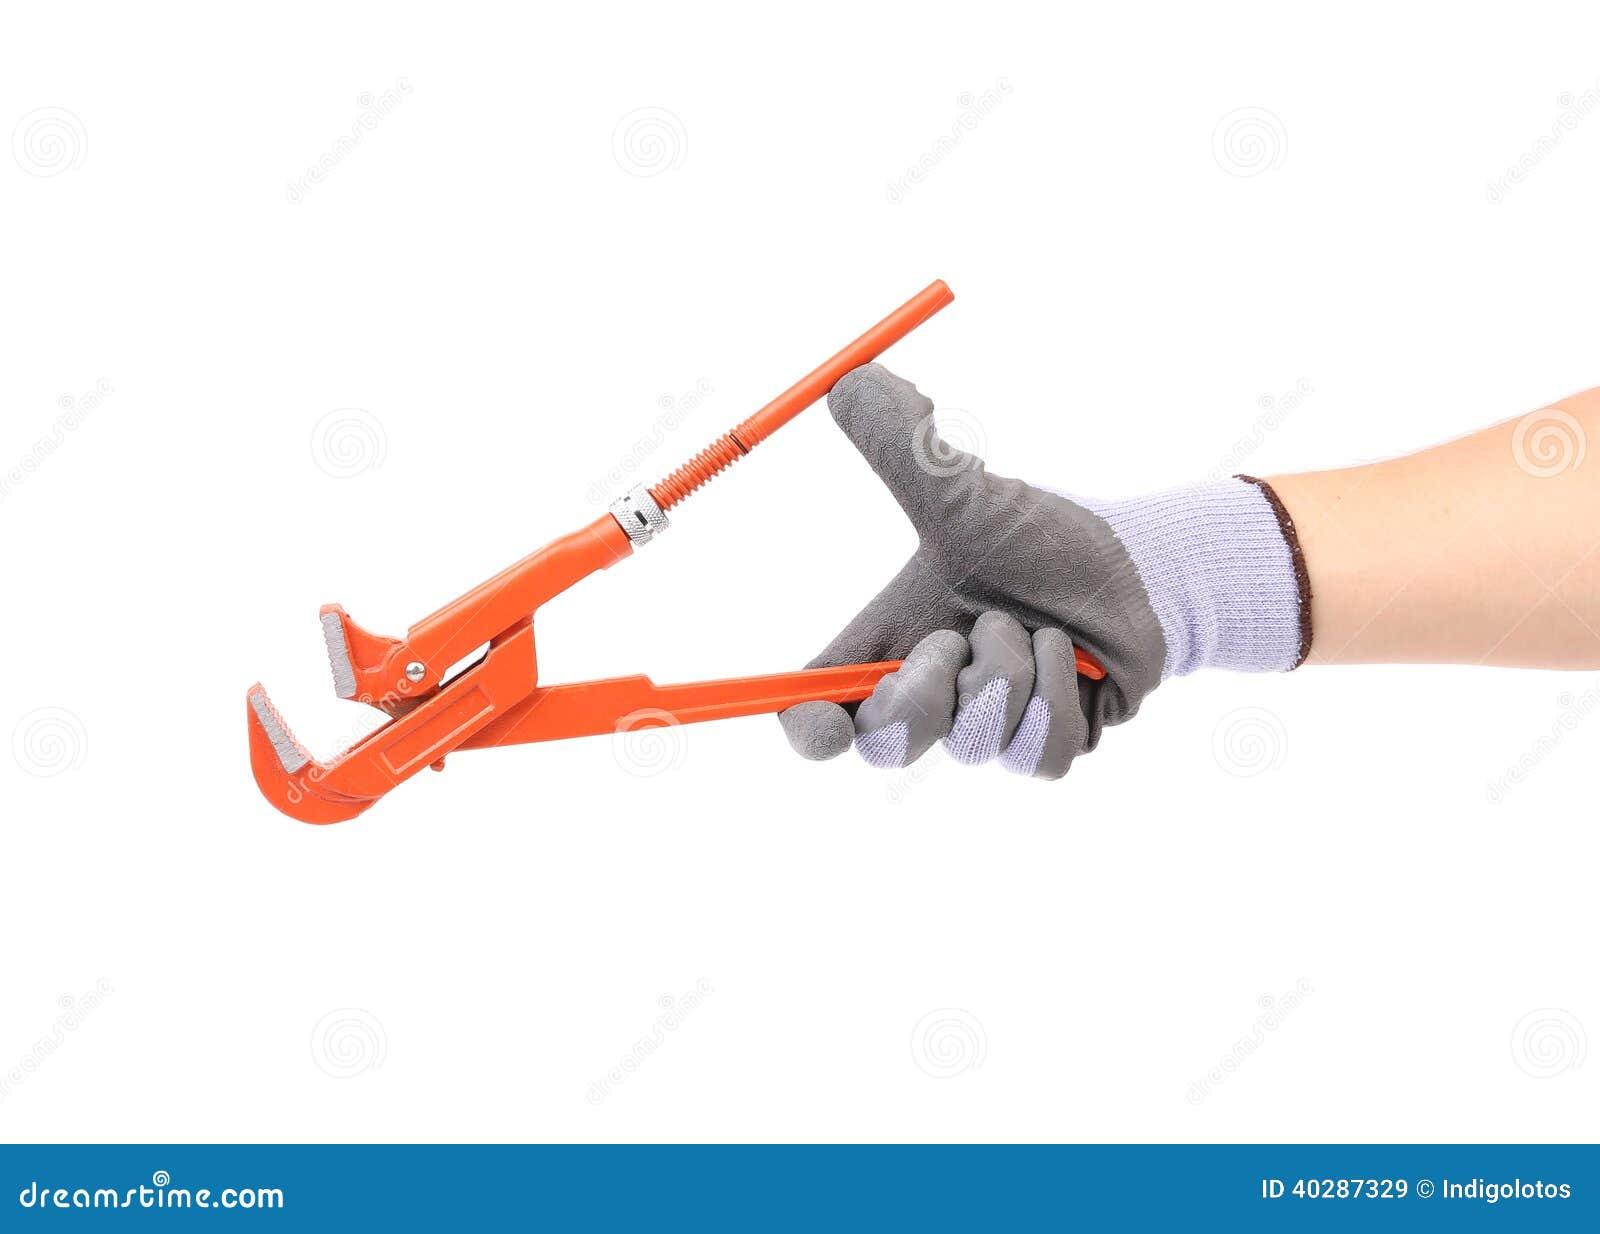 Работая руки с инструментами.